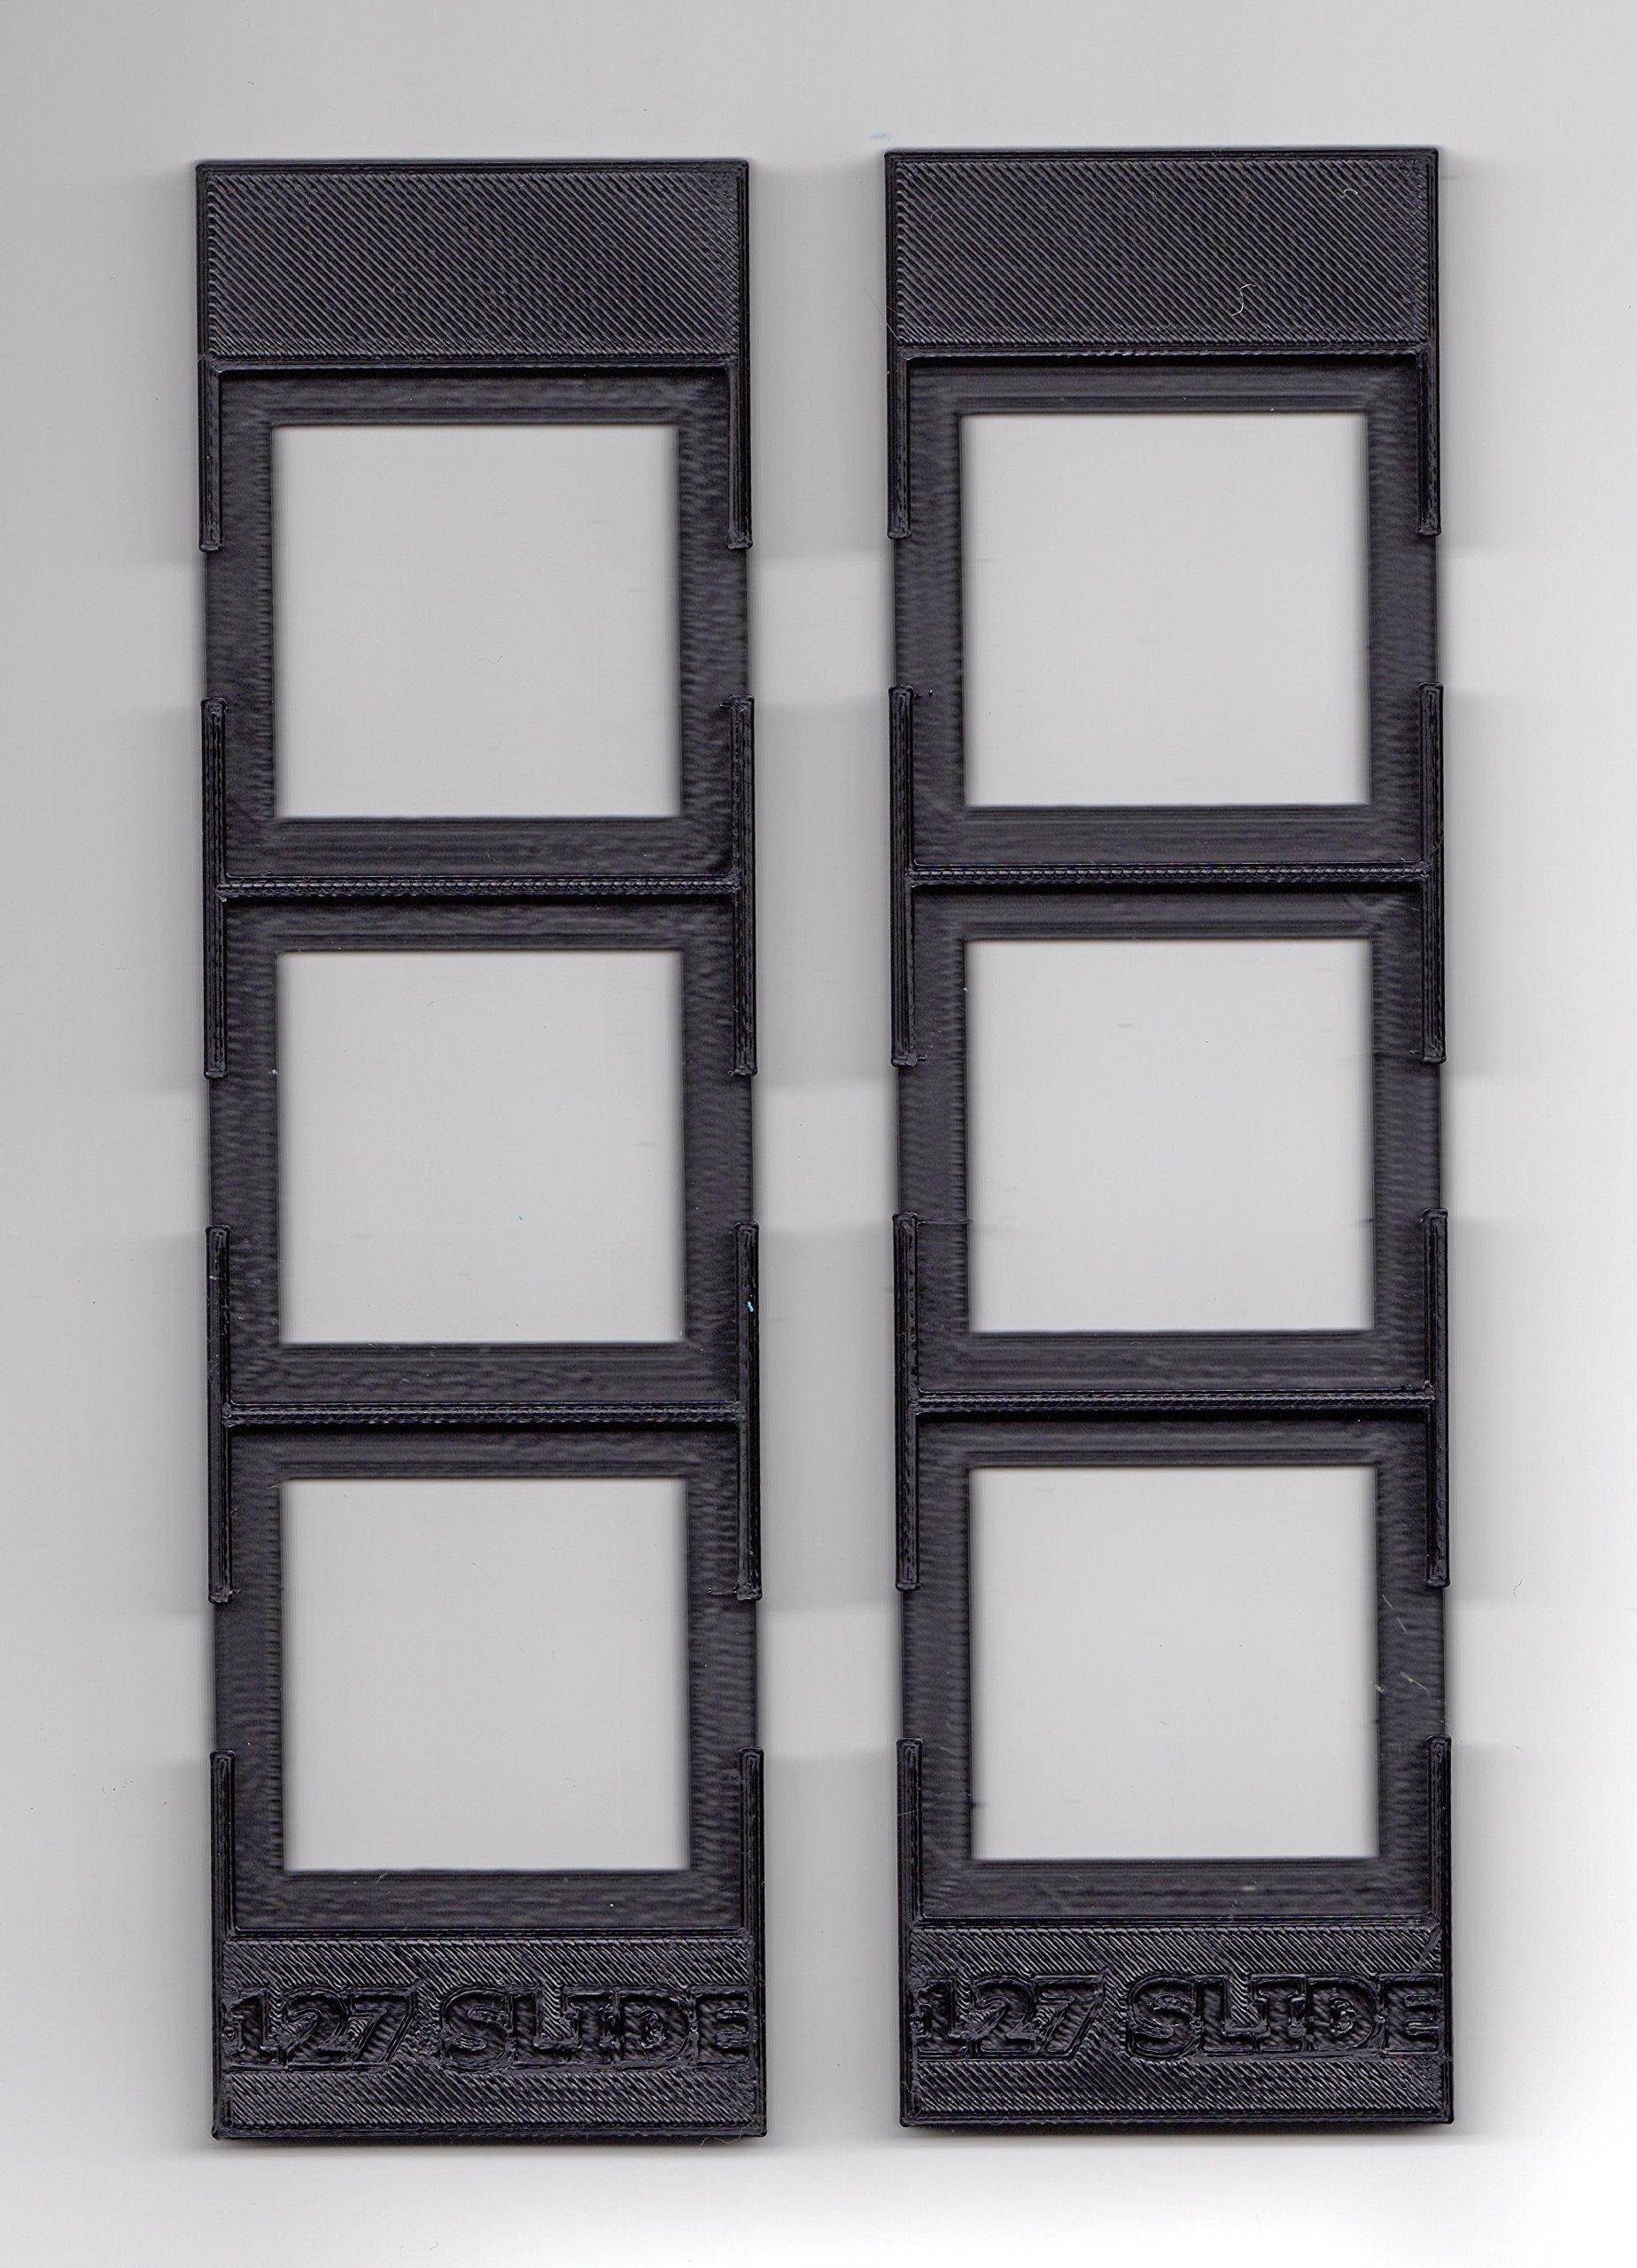 127 slide holder/adapter for Epson Perfection V750/700 Film Scanners